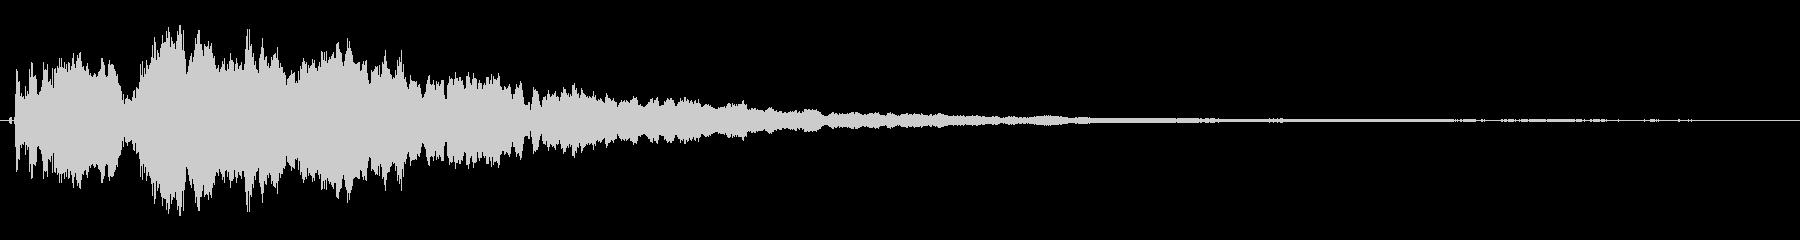 キラーン(高めの音)の未再生の波形